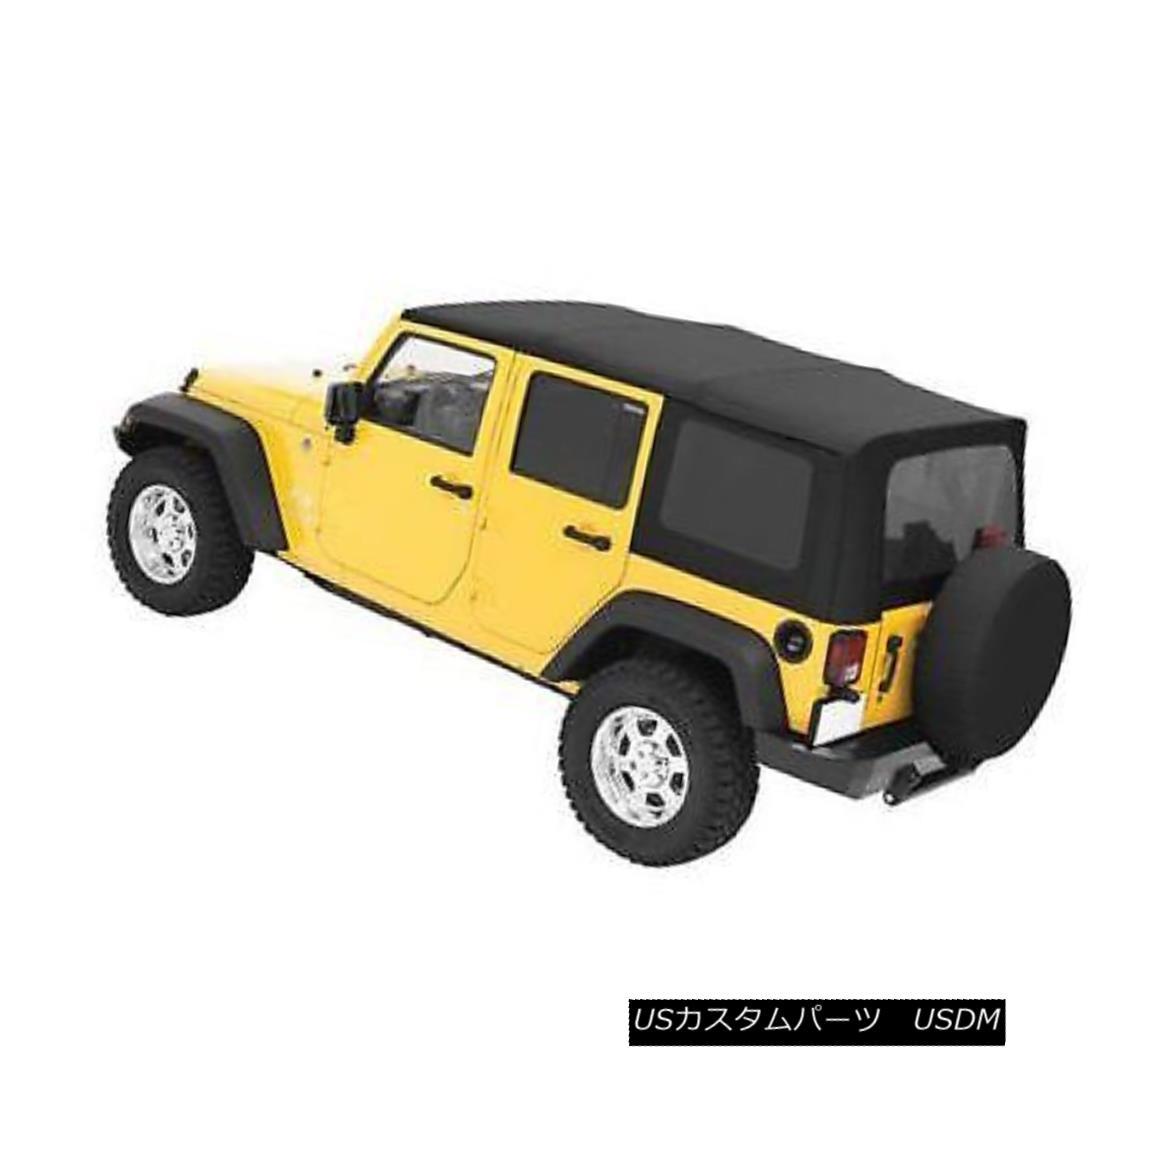 幌・ソフトトップ 4WD Pros 51204-35 Soft Top For 2010-2013 Jeep Wrangler (JK) 4WD Pros 51204-35ソフトトップ2010-2013 Jeep Wrangler(JK)